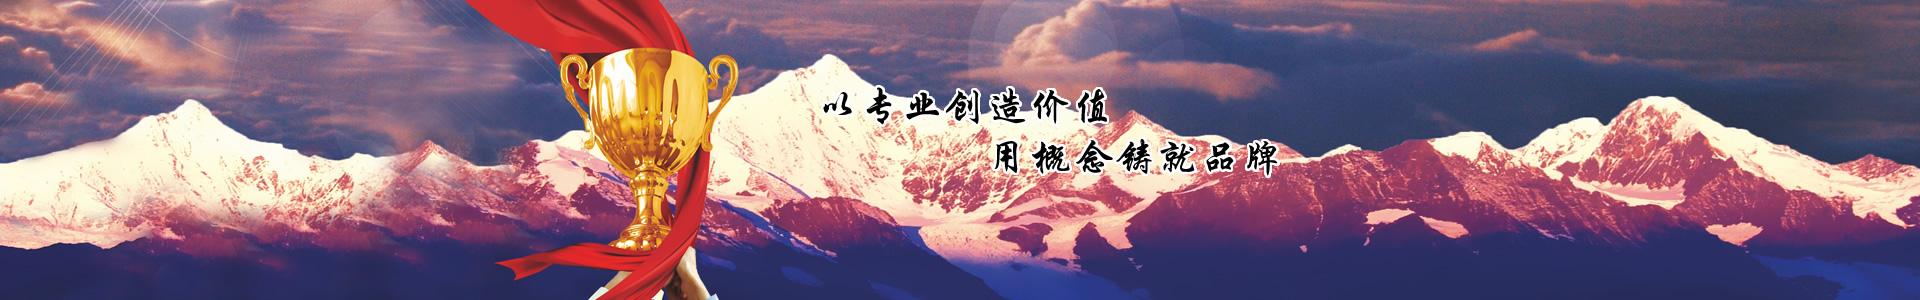 以专业创造价zhi 用概念铸jiu品牌